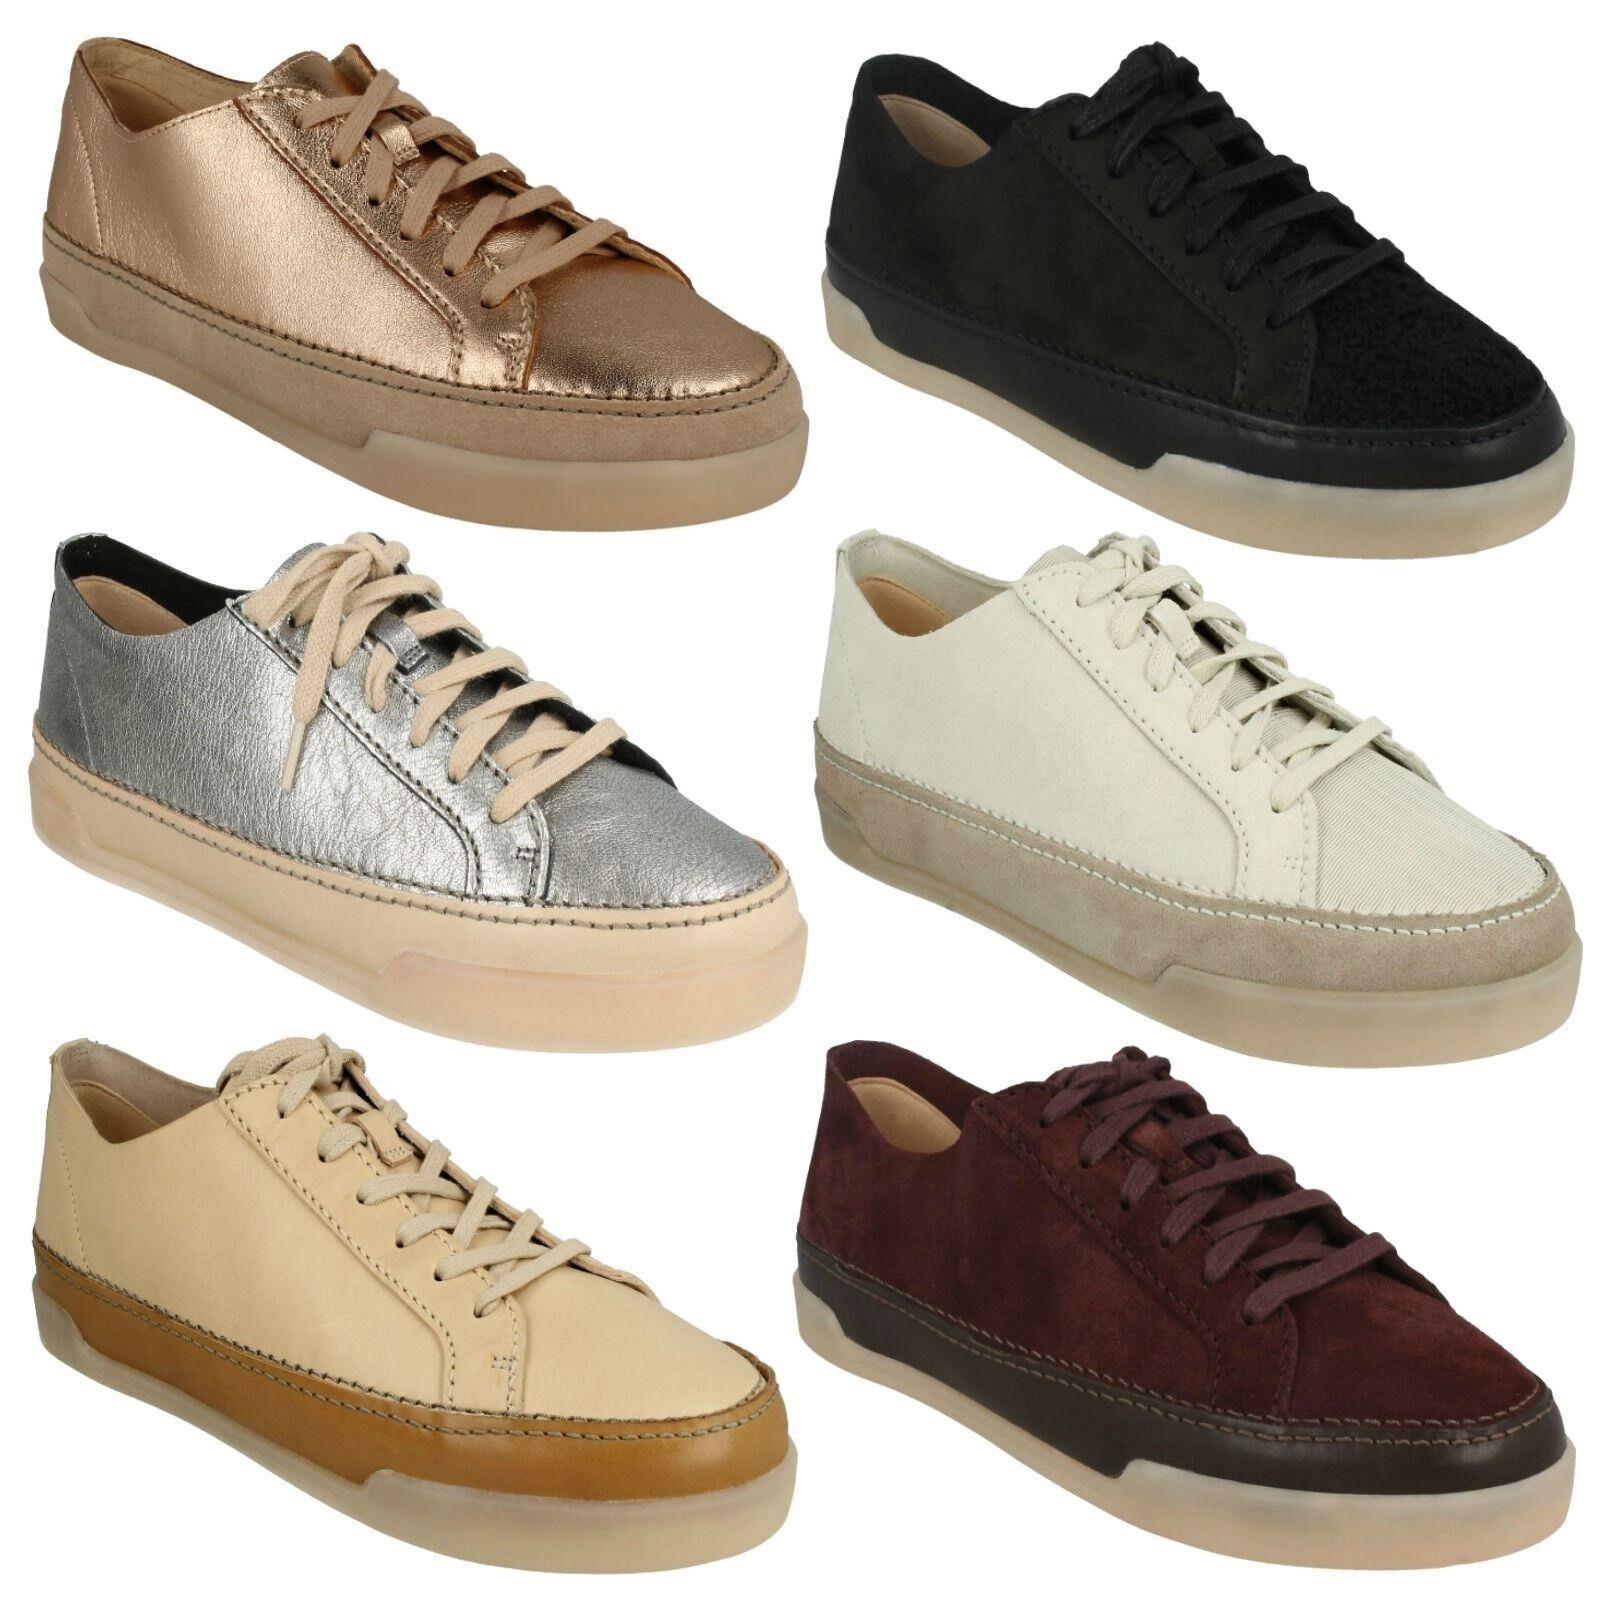 Hidi holly femmes clarks en cuir plates à lacets escarpins baskets casual chaussures de sport